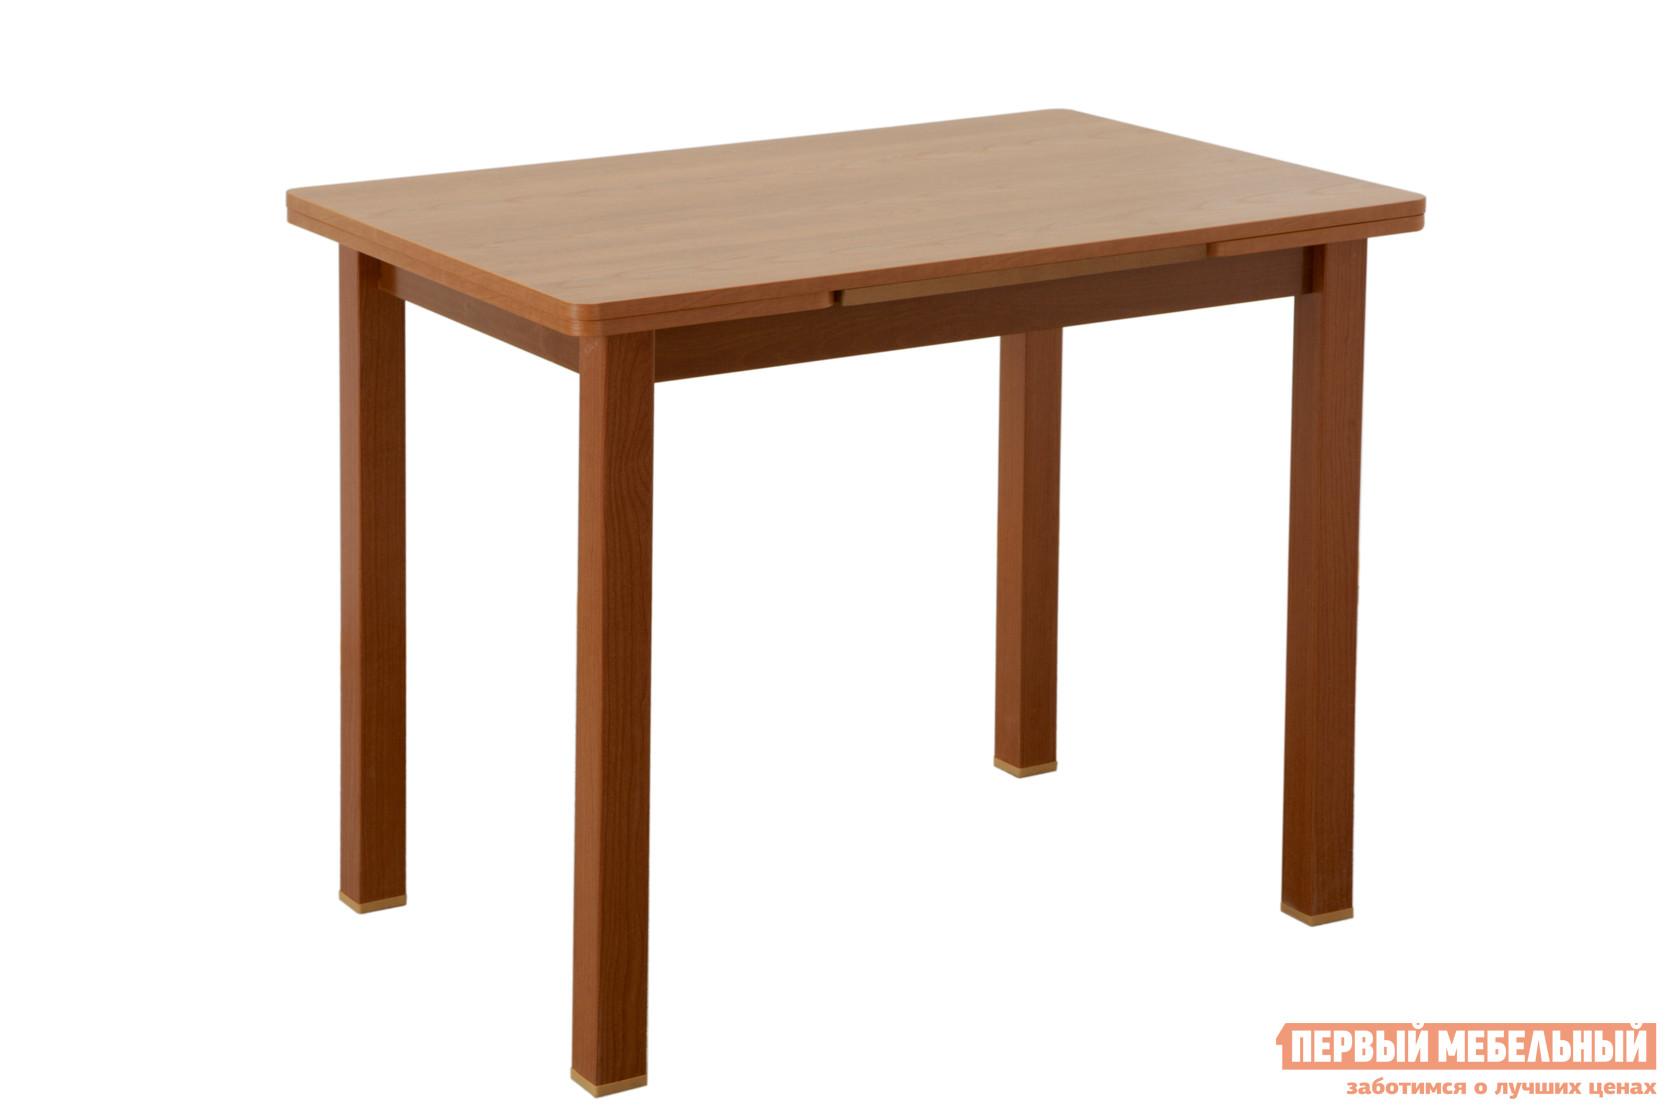 Кухонный стол Боровичи Стол обеденный раздвижной со скруглением 930/1460 Х 640 мм, Вишня от Купистол